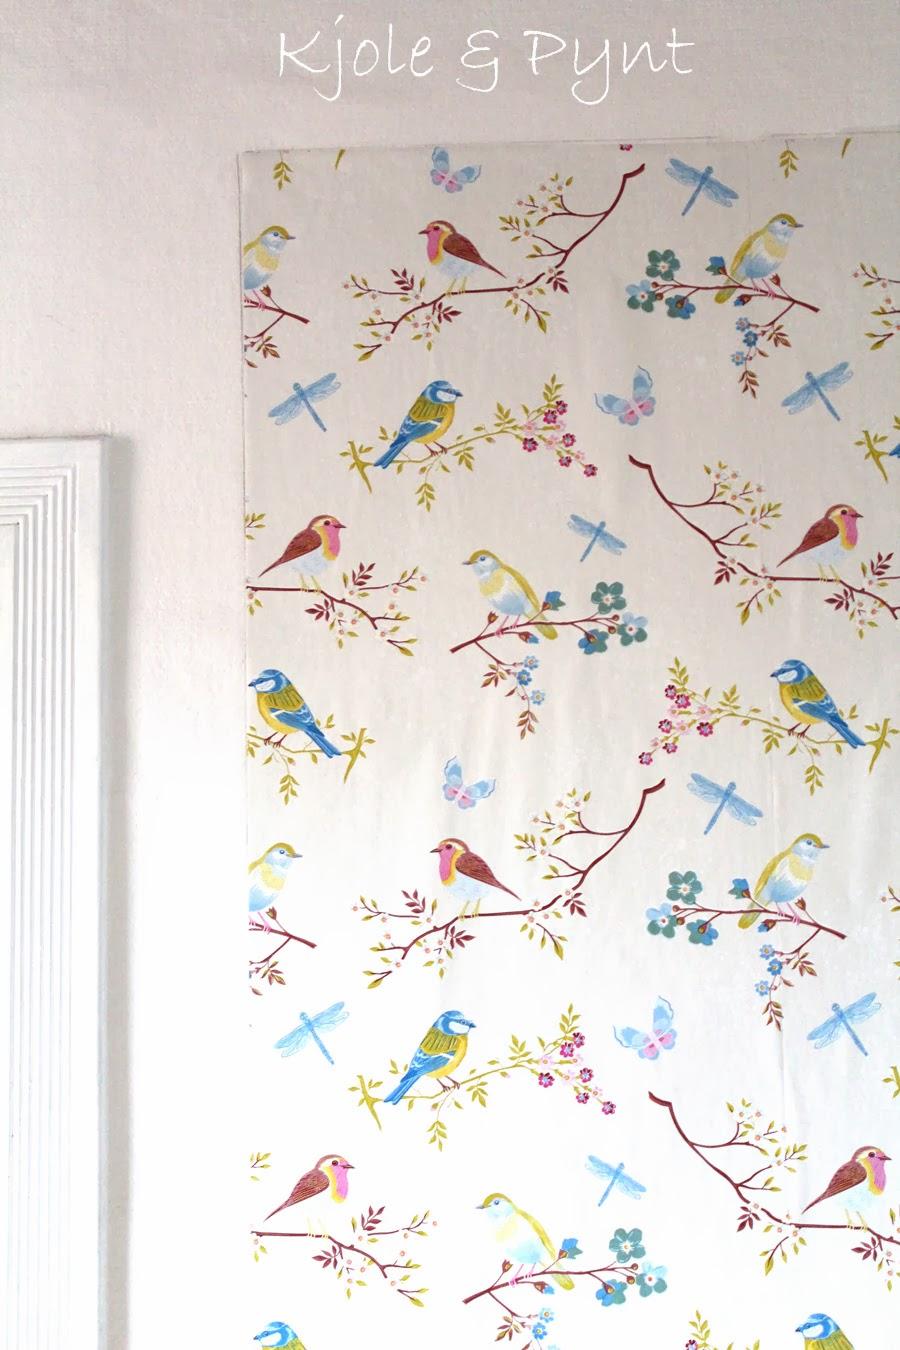 seidenfeins blog vom sch nen landleben renoviert diele im neuen early bird pip design. Black Bedroom Furniture Sets. Home Design Ideas